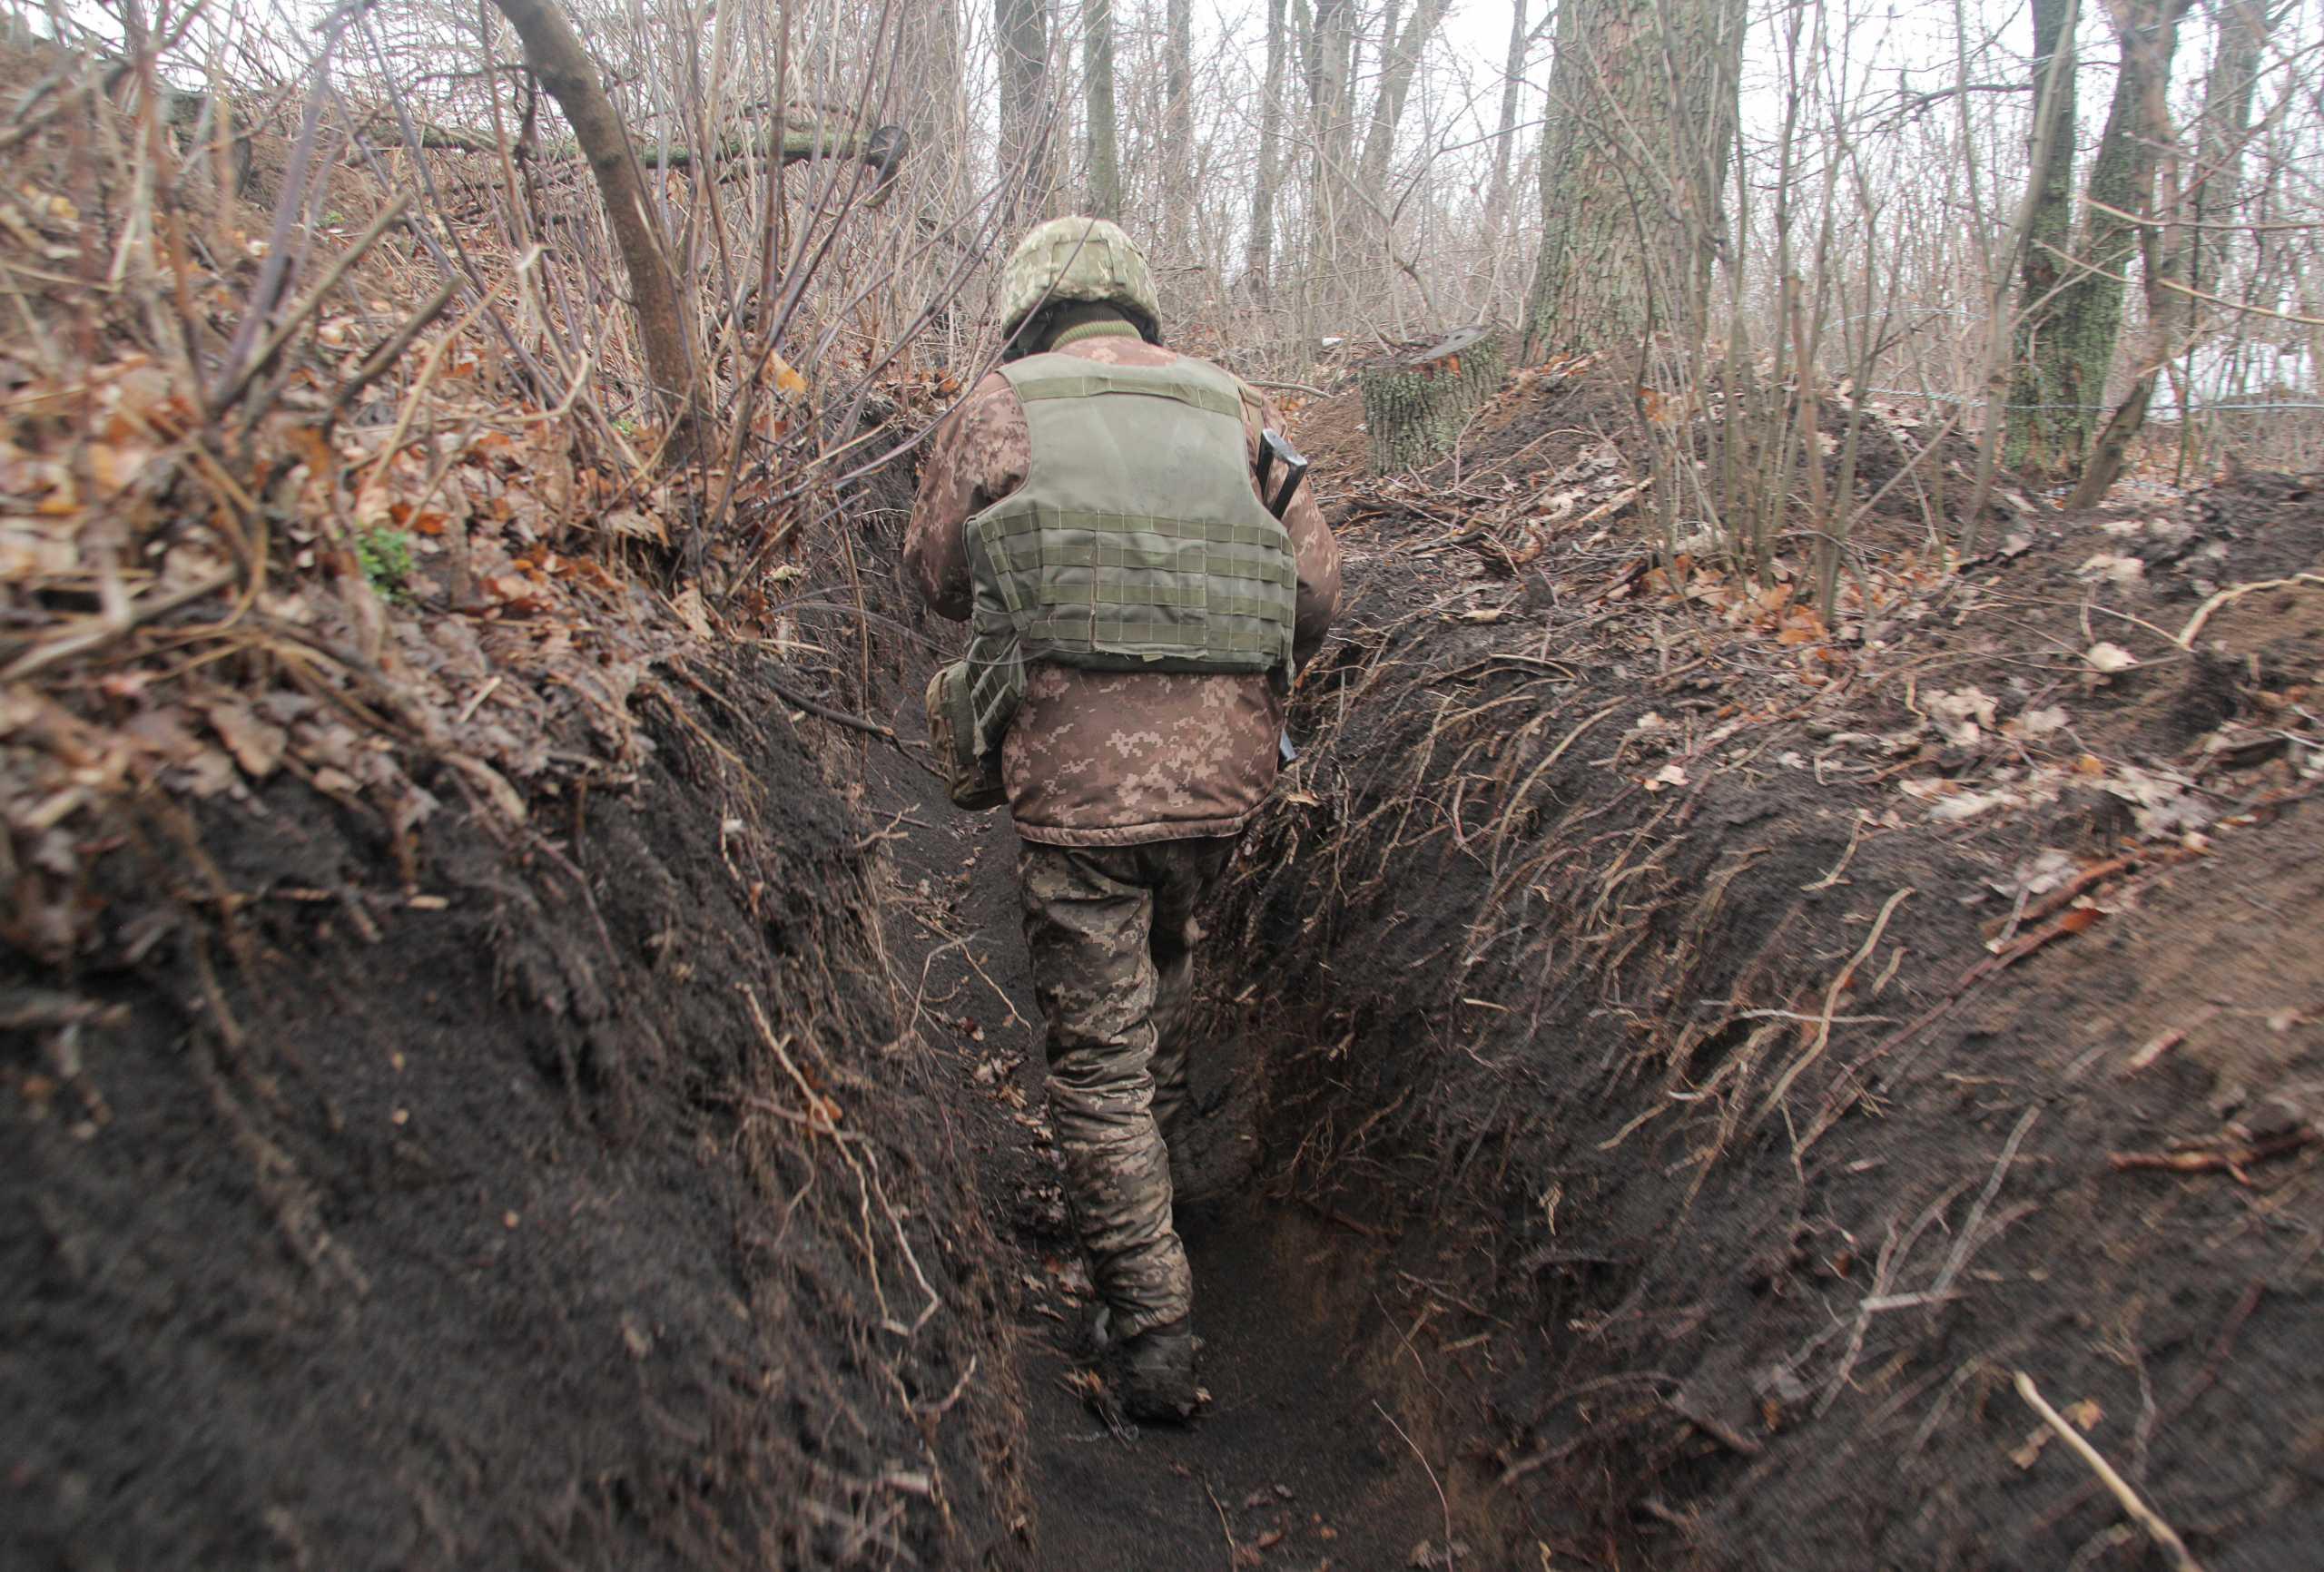 Ουκρανία: Τέσσερις νεκροί από συγκρούσεις στο Ντόνετσκ